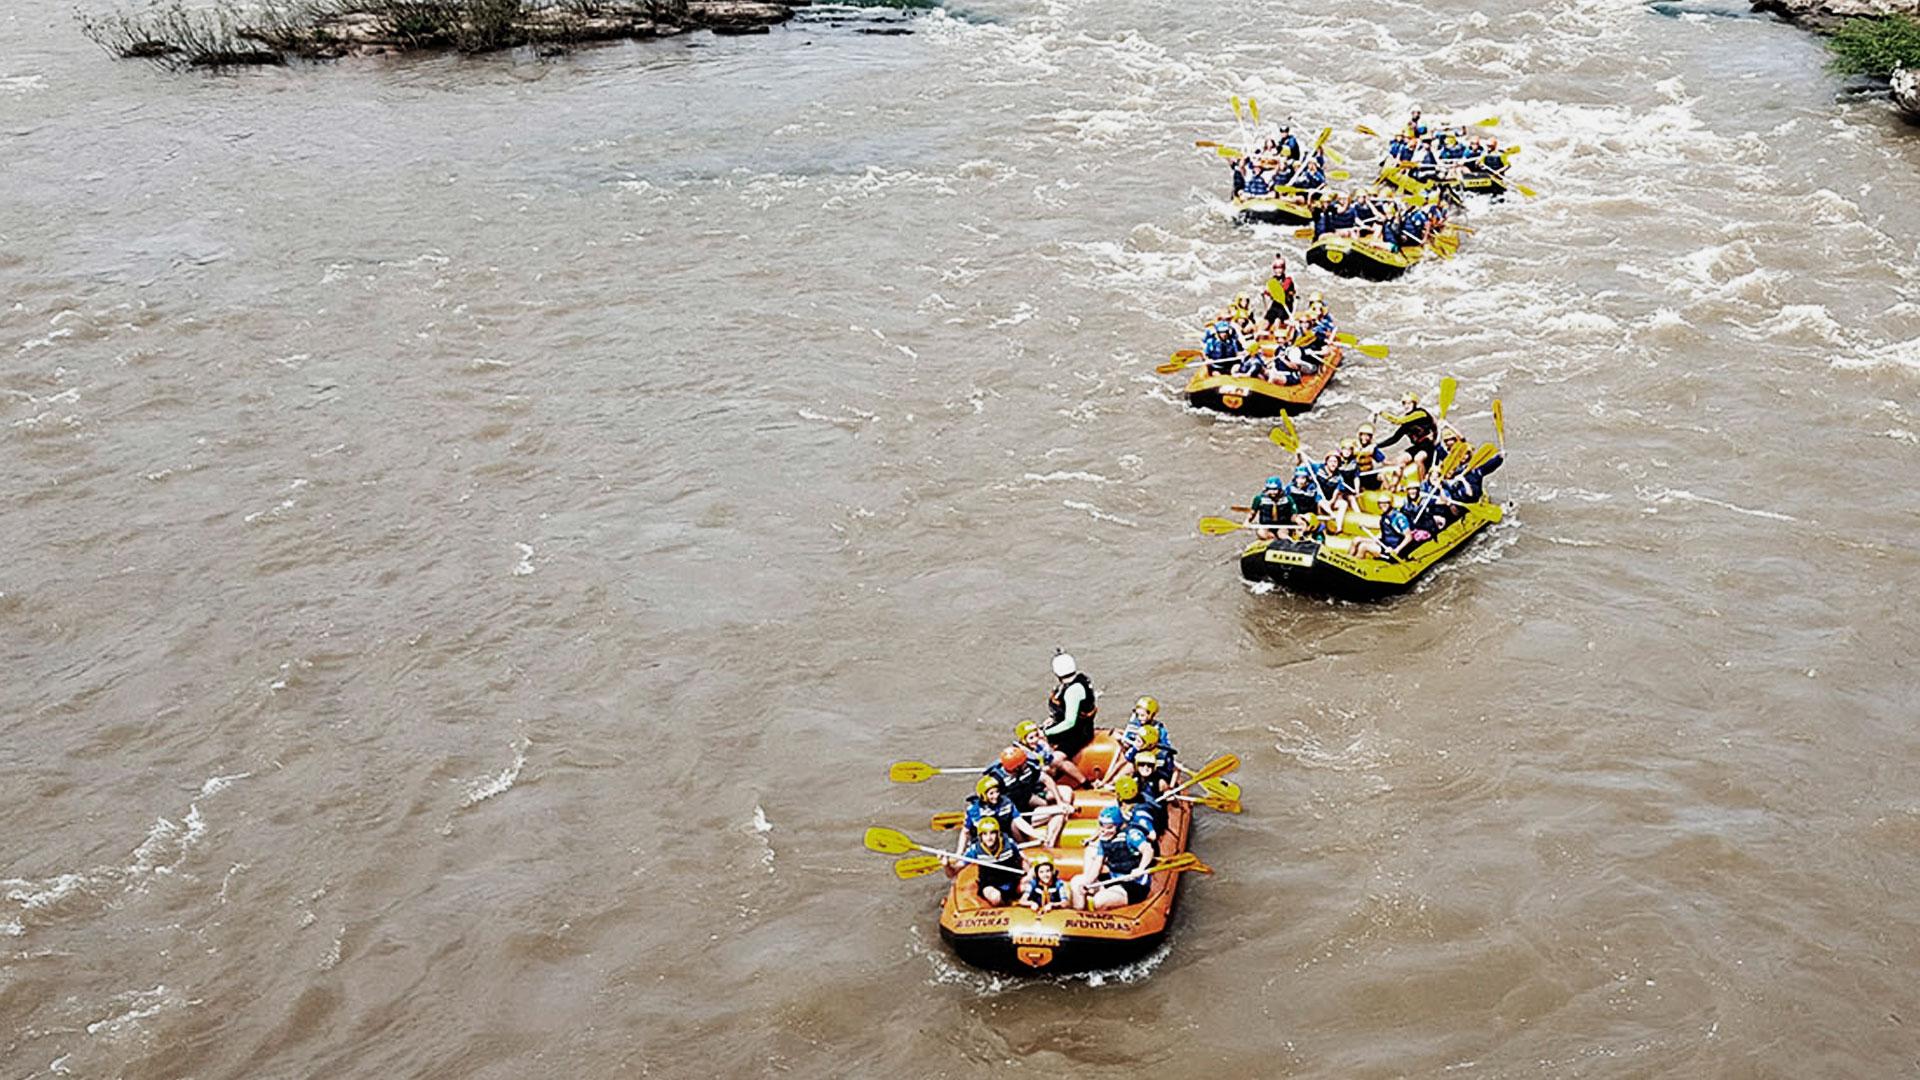 Grupo de pessoas em 6 botes praticando rafting no rio tibagi, em Tibagi.